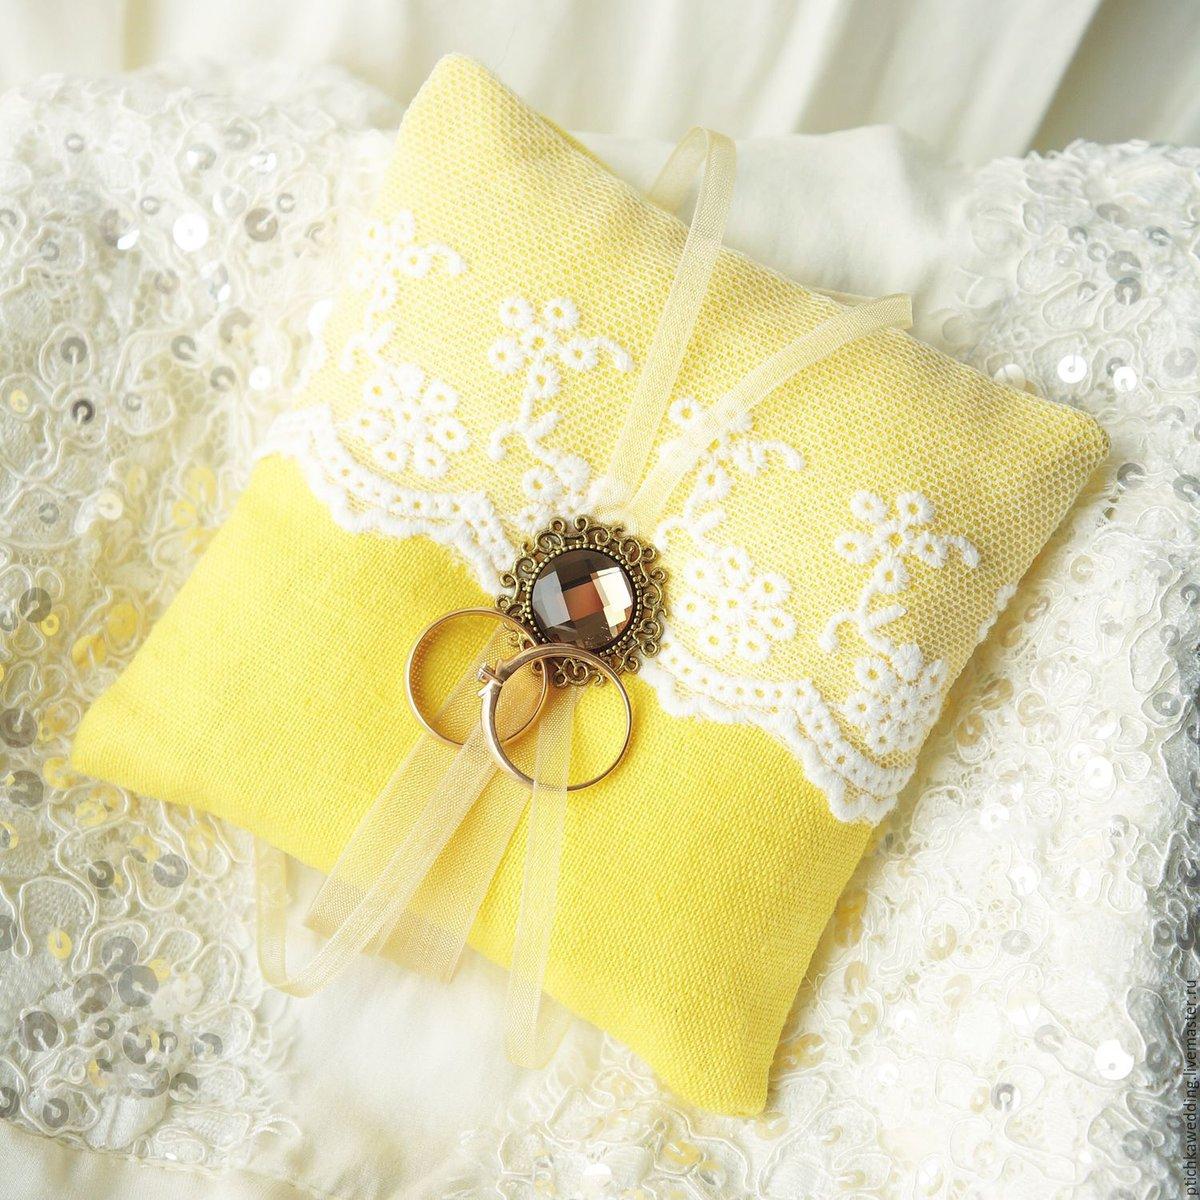 подчеркивает, подушечки для колец на свадьбу фото таких спутников нам